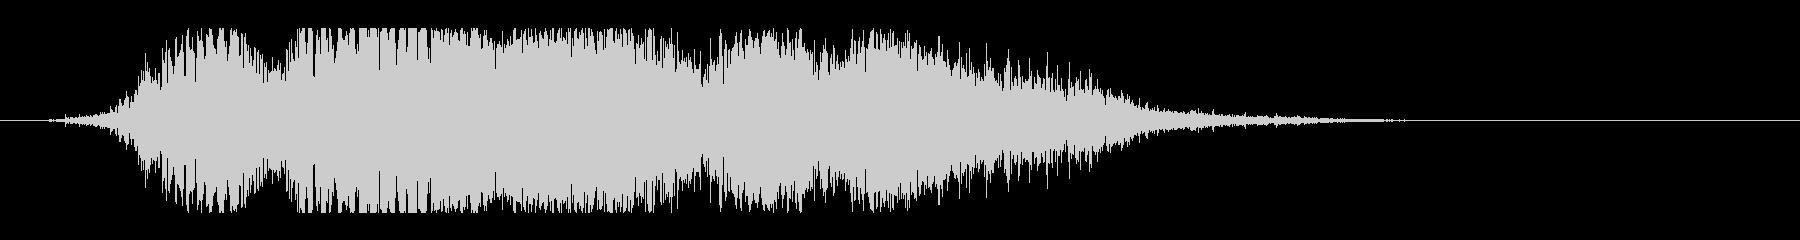 斬撃音(刀や剣で斬る/刺す効果音)11cの未再生の波形